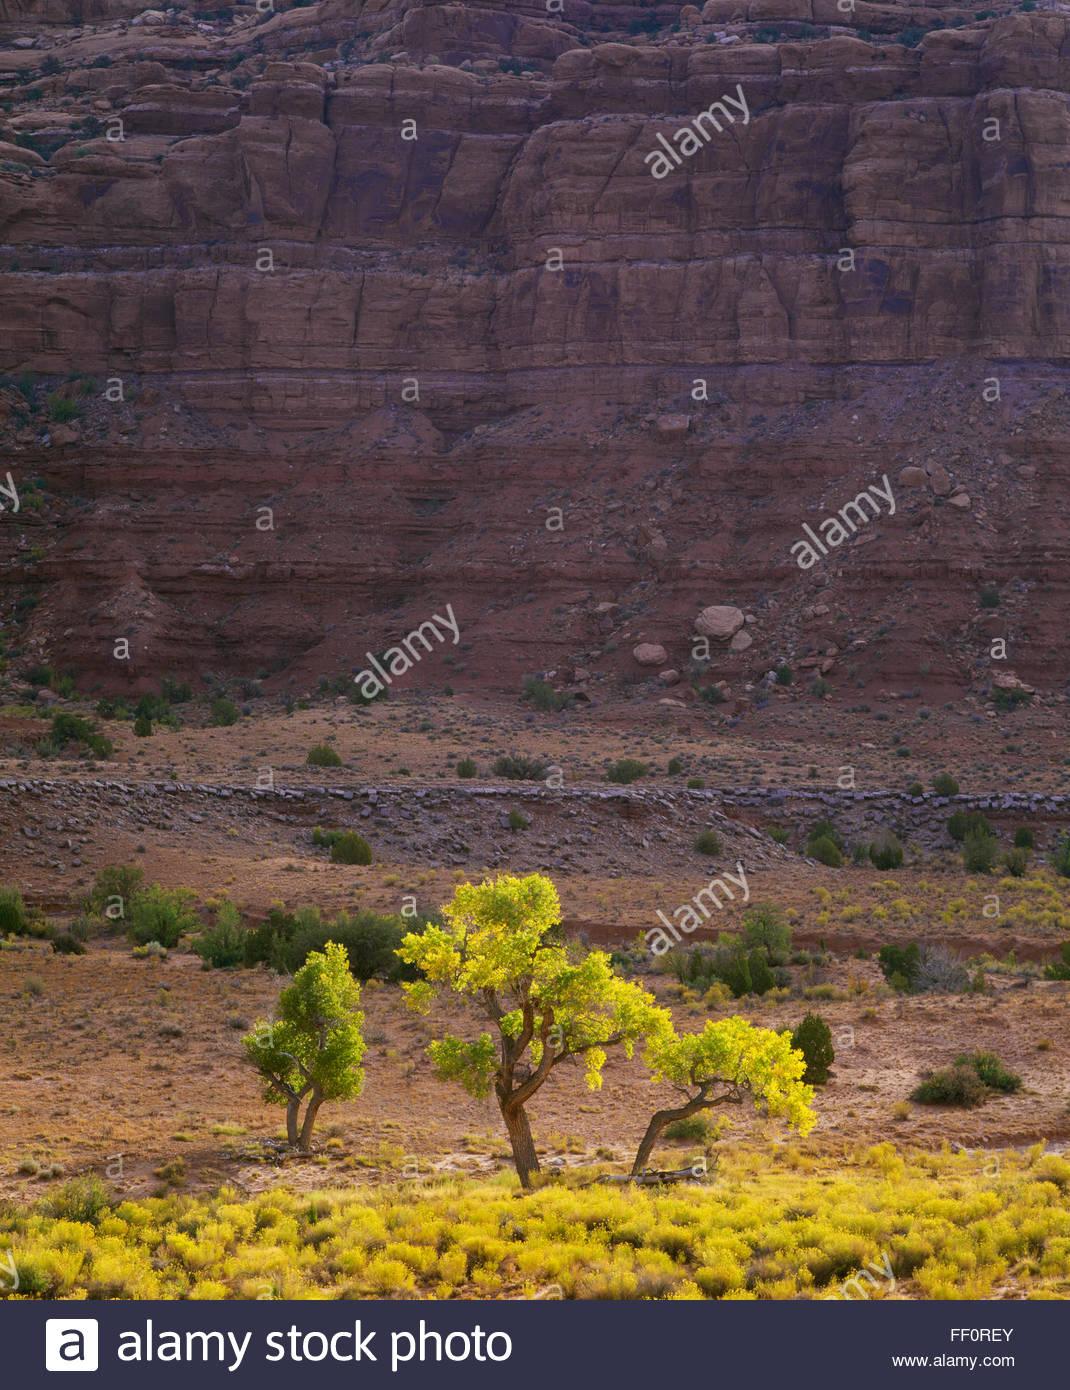 Árboles de chopo en el Valle de los dioses. Tiene orejas National Monument, el sureste de Utah. Imagen De Stock